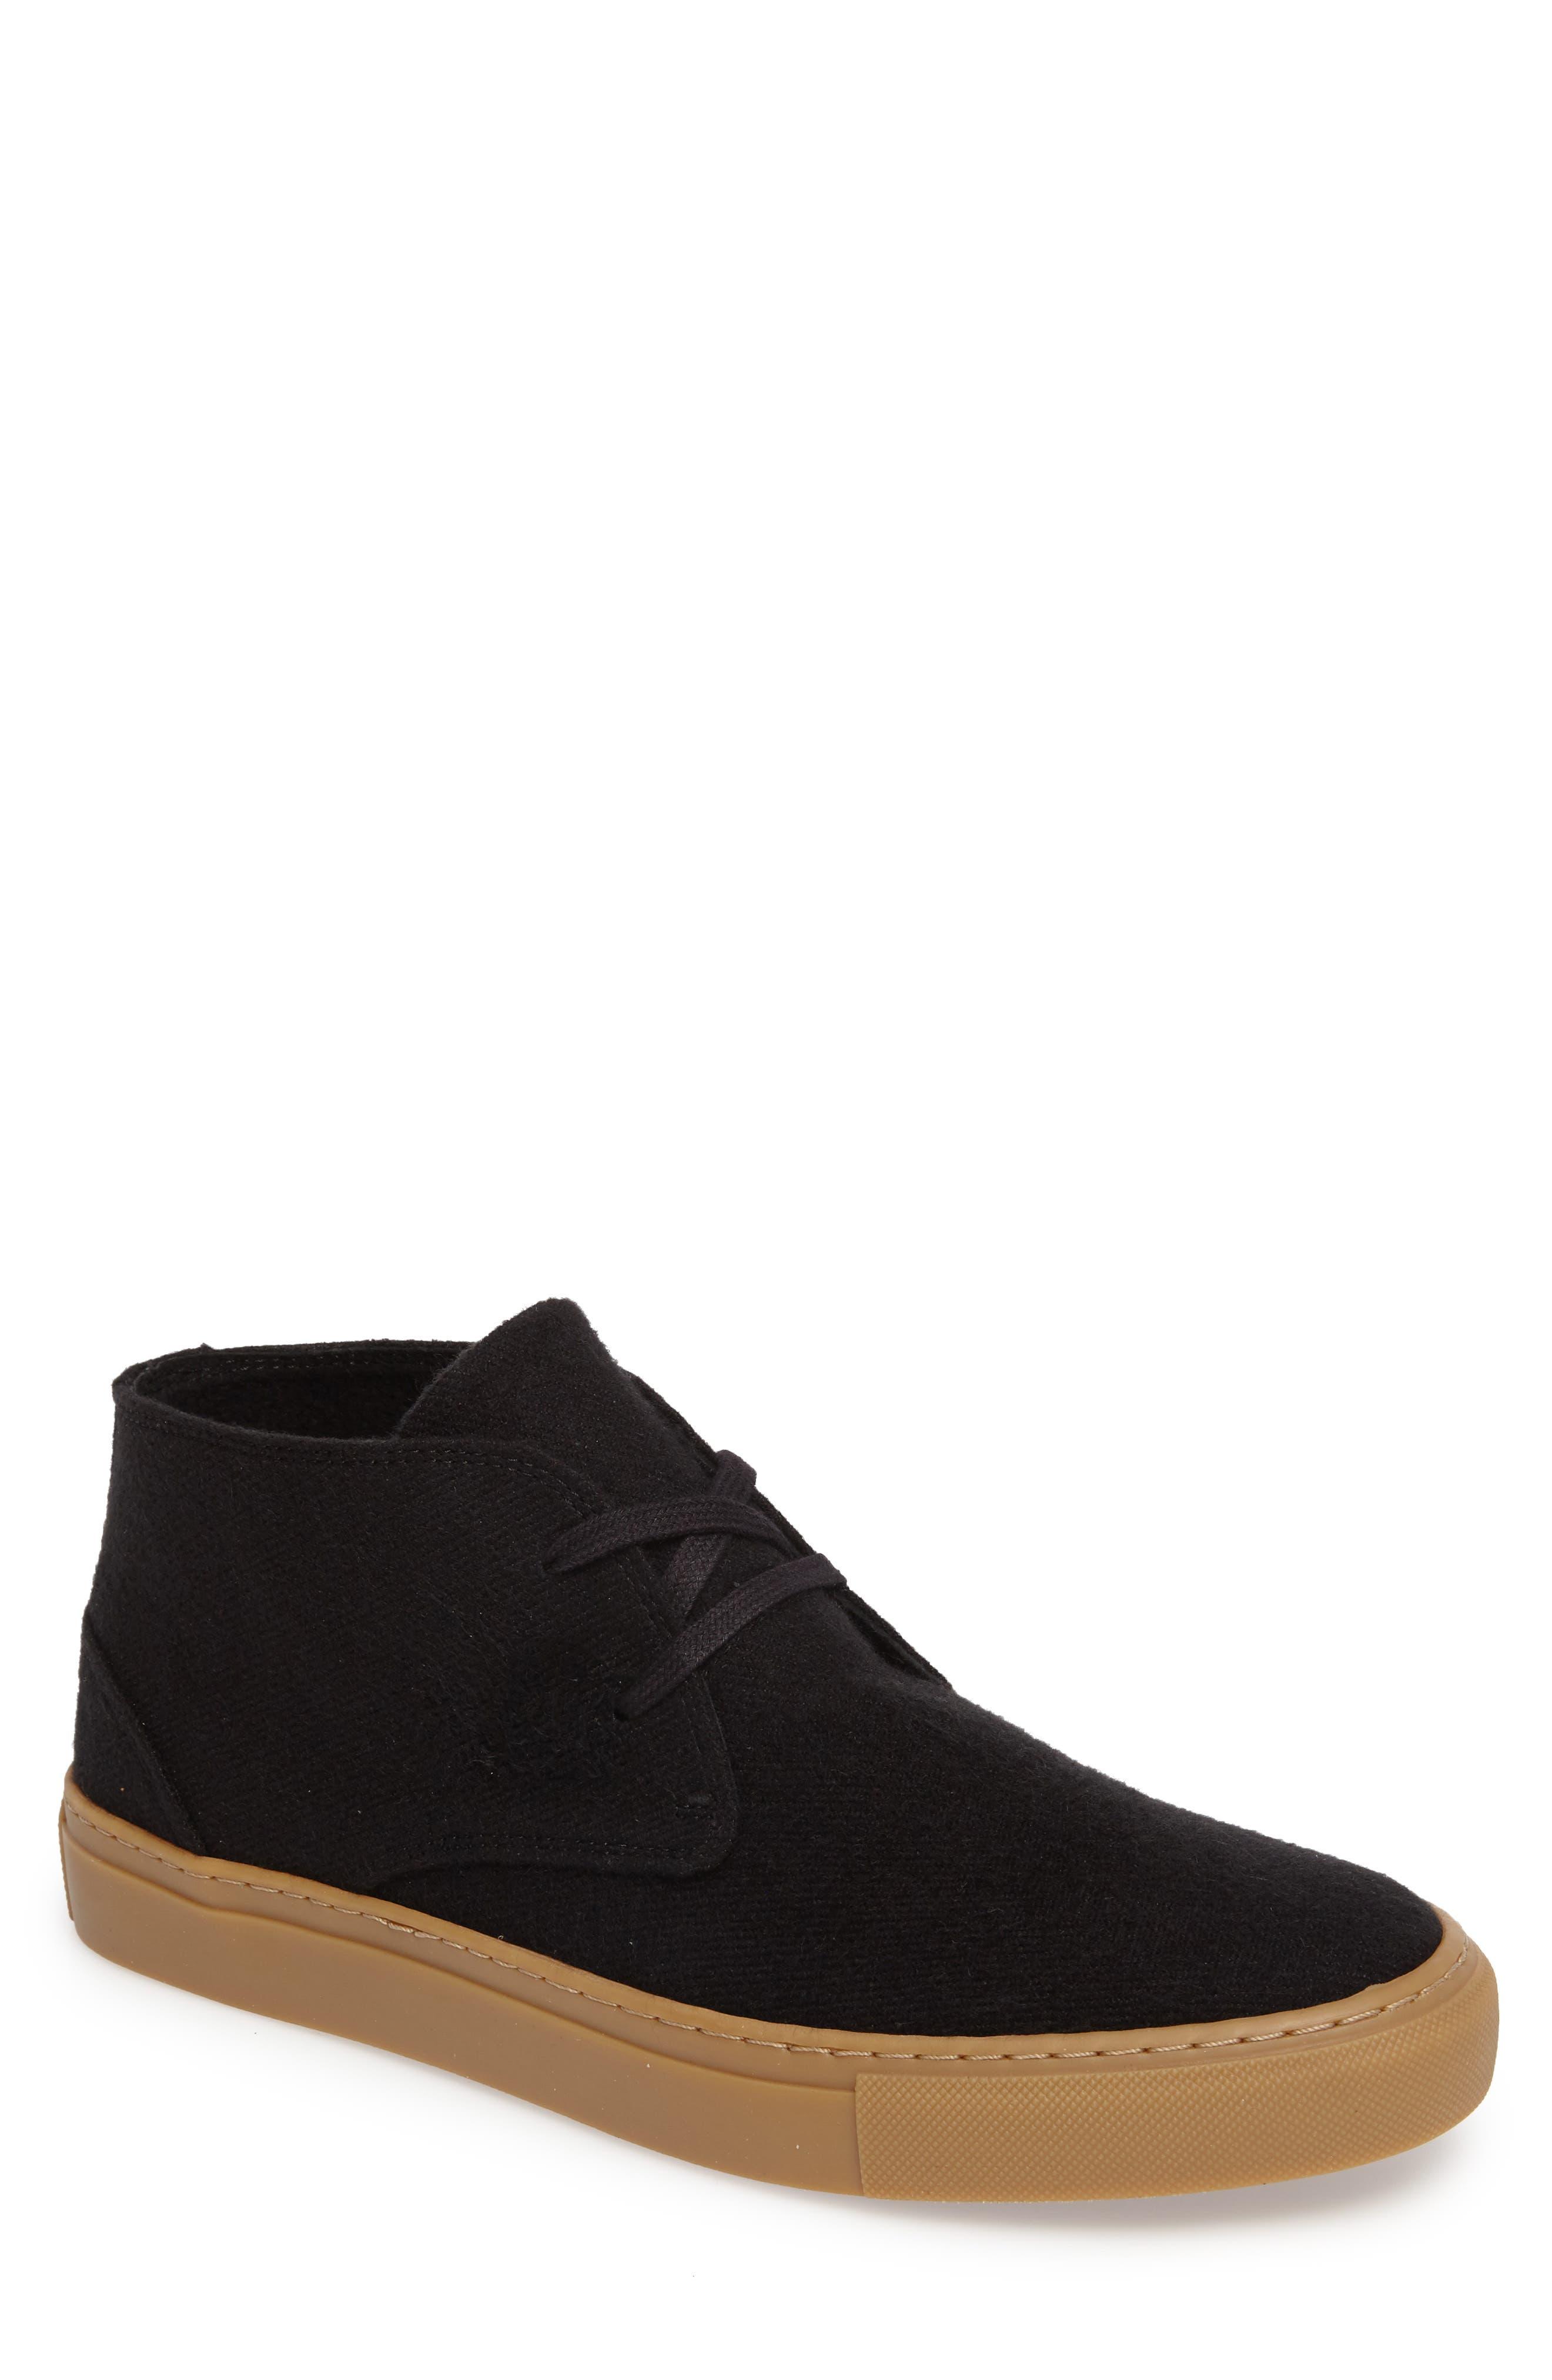 Dani Sneaker,                             Main thumbnail 1, color,                             001